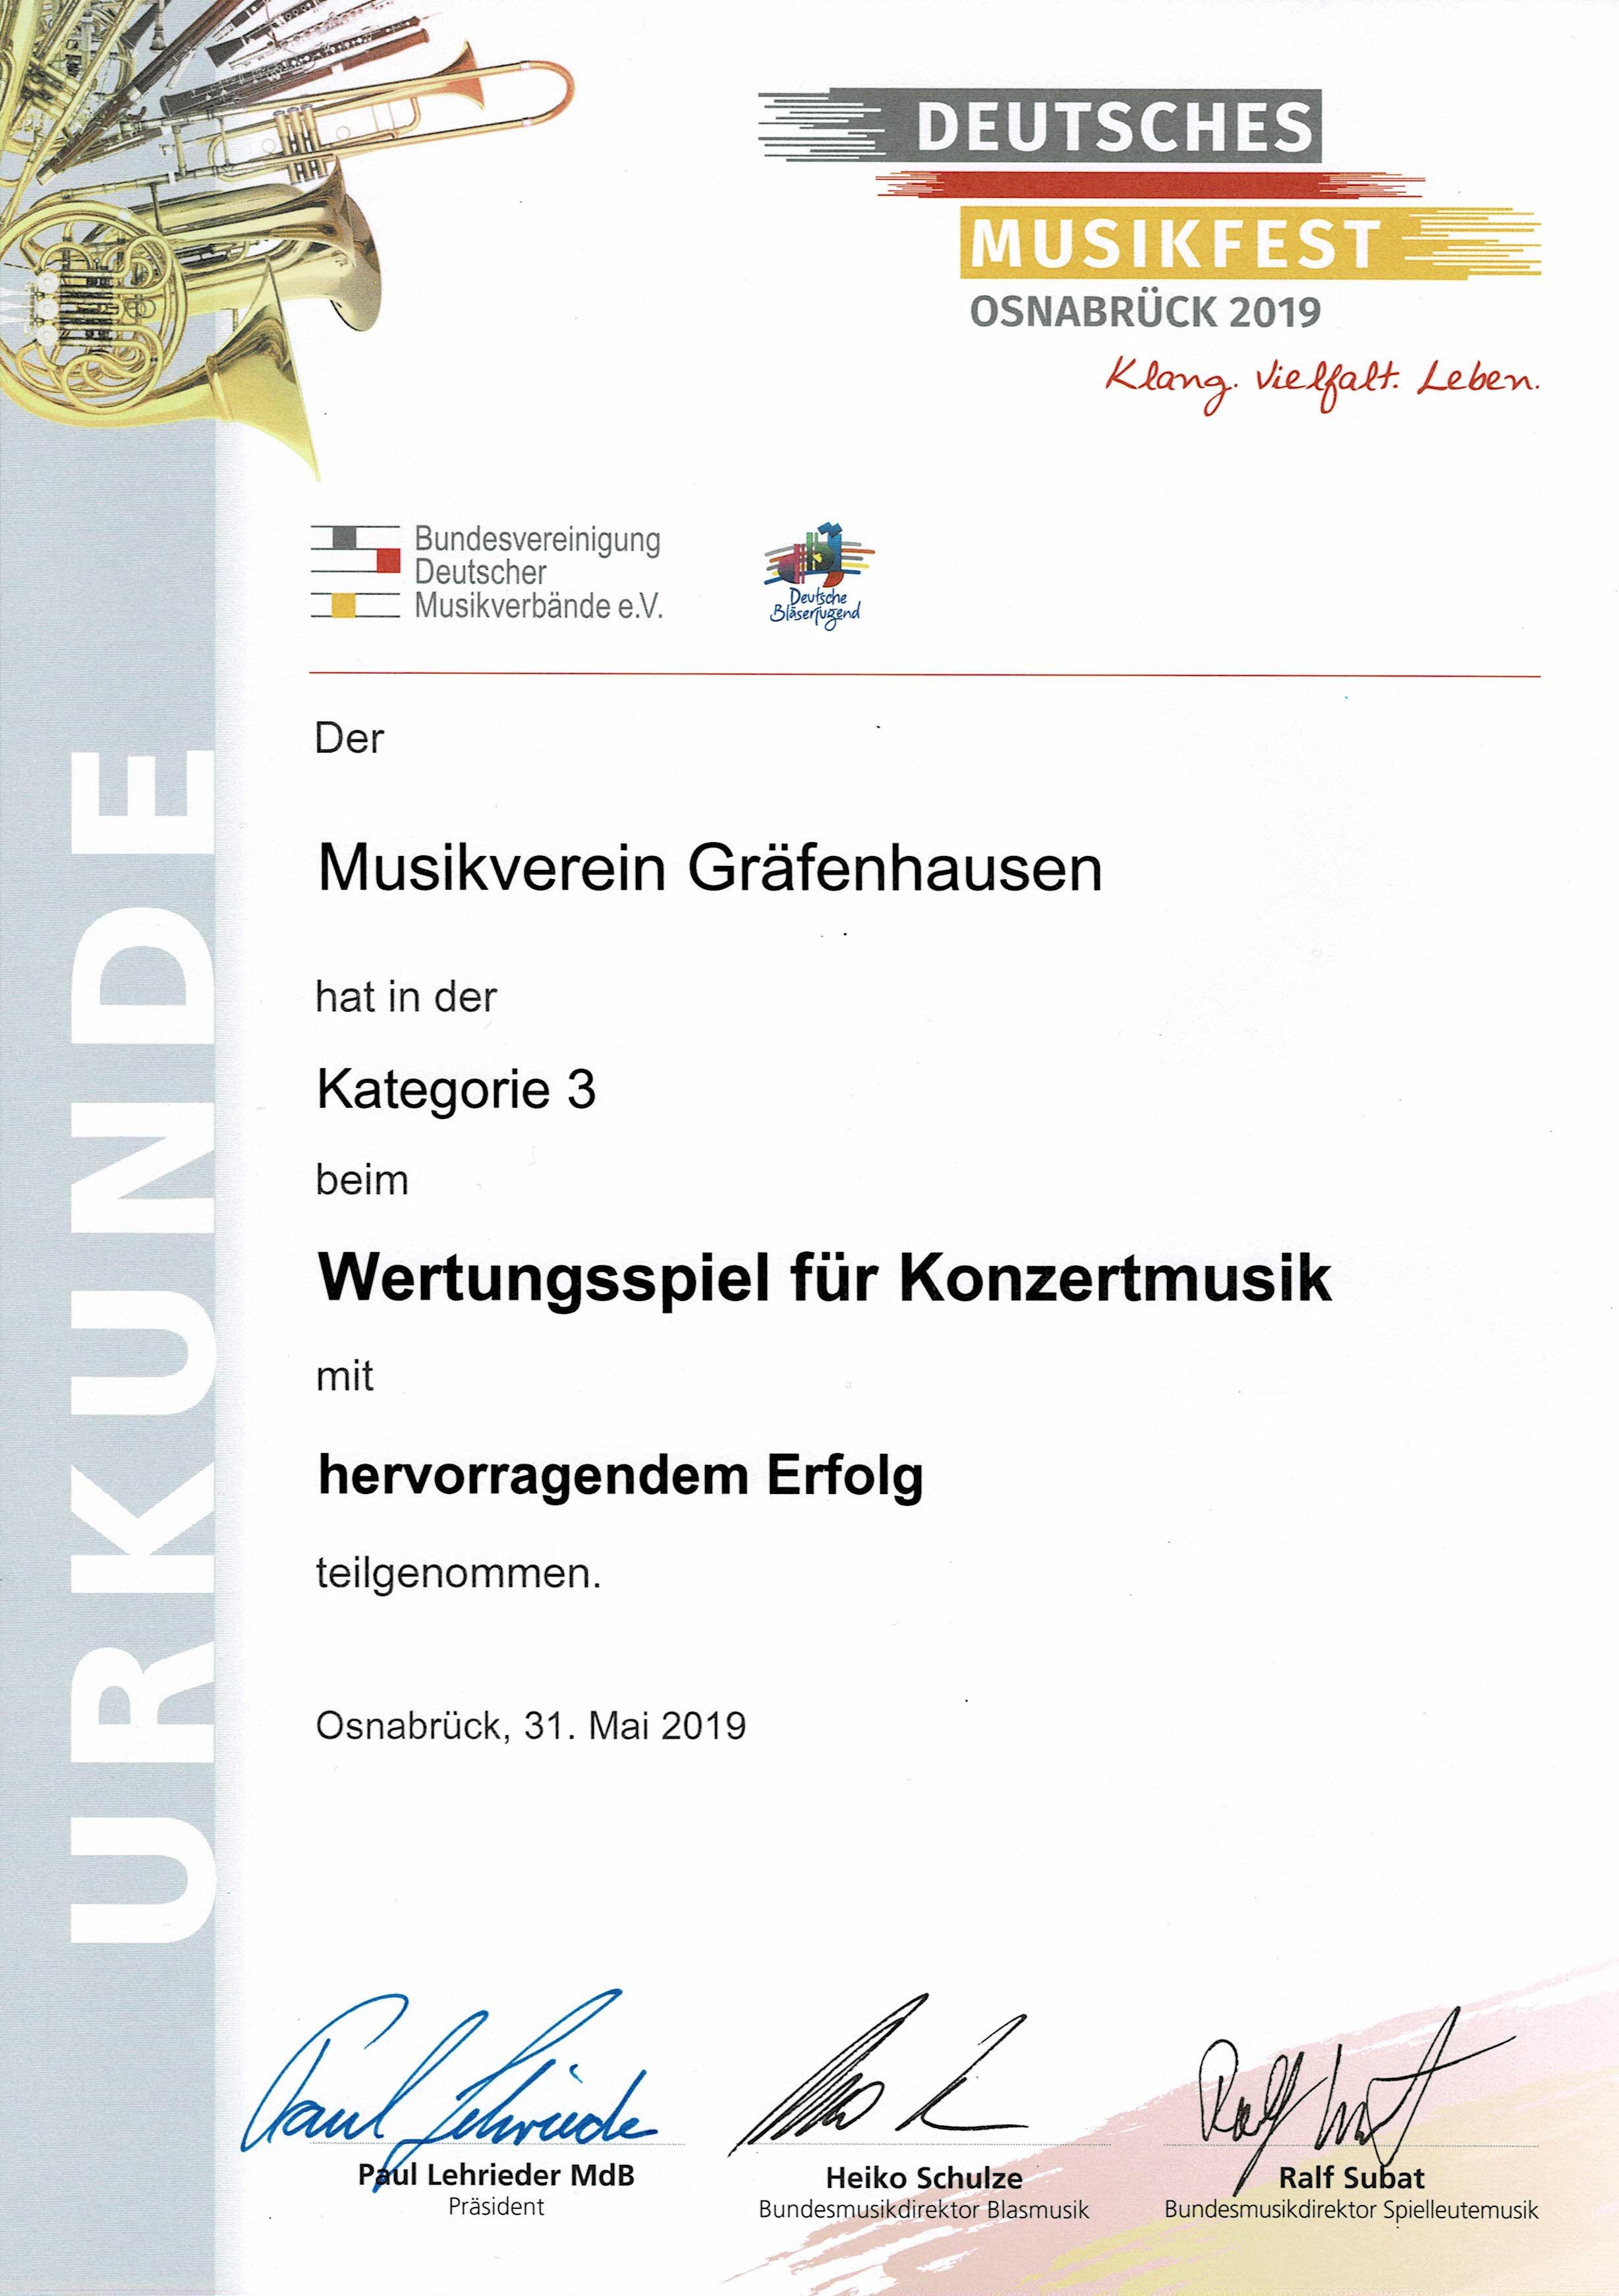 Deutsches Musikfest 2019